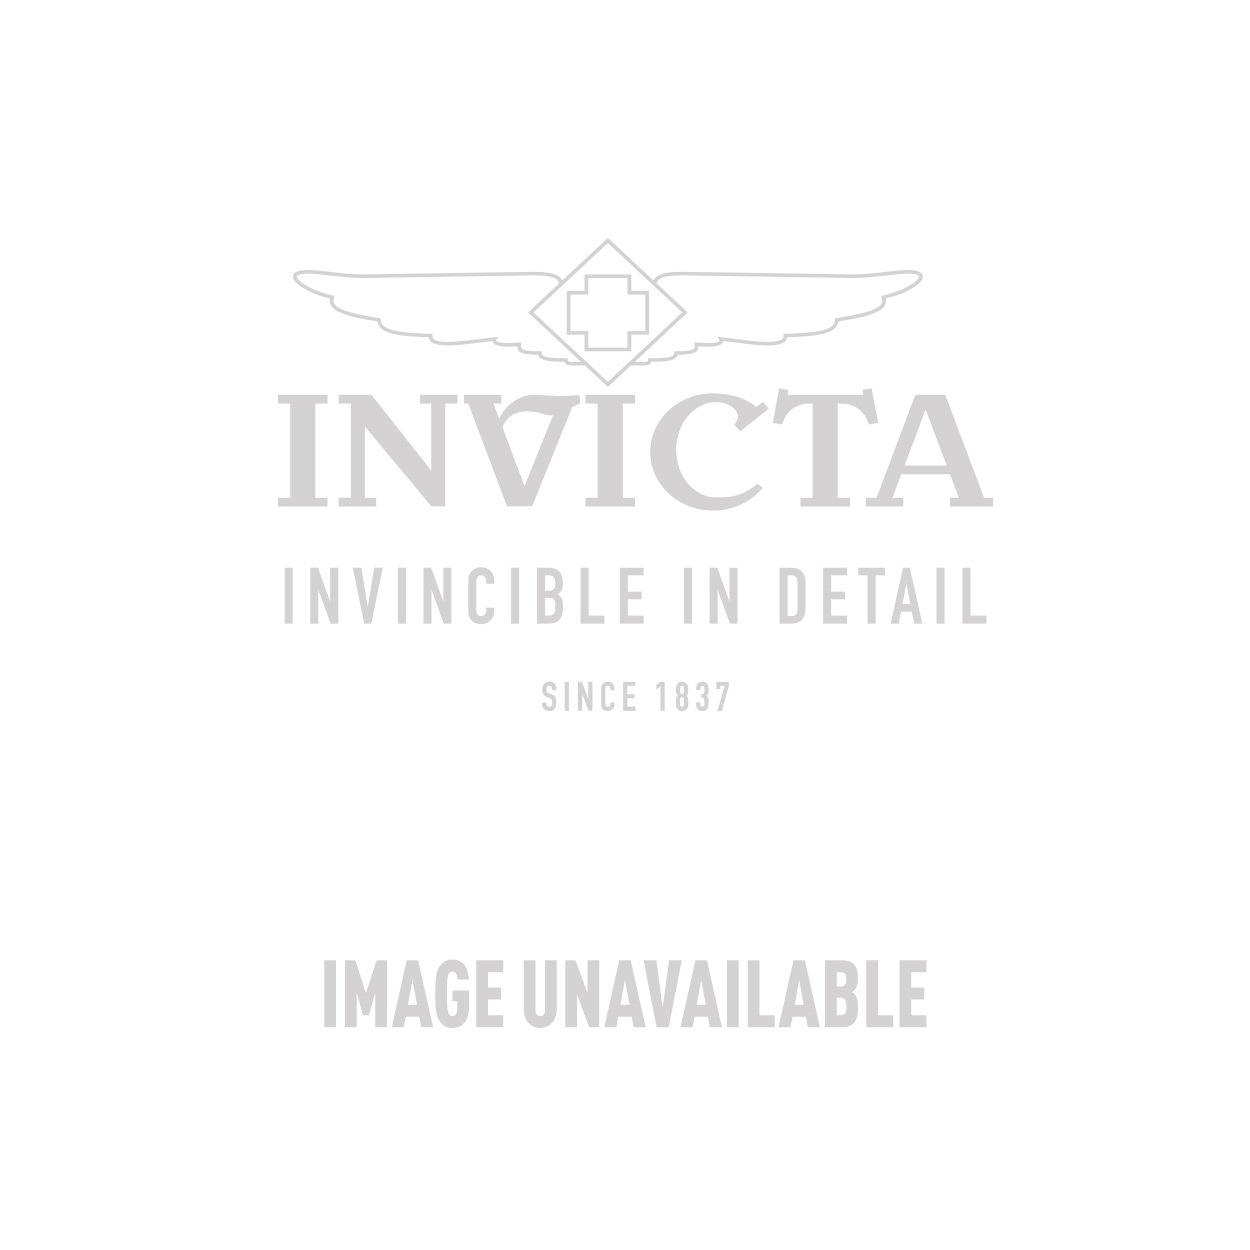 Invicta Model 22765